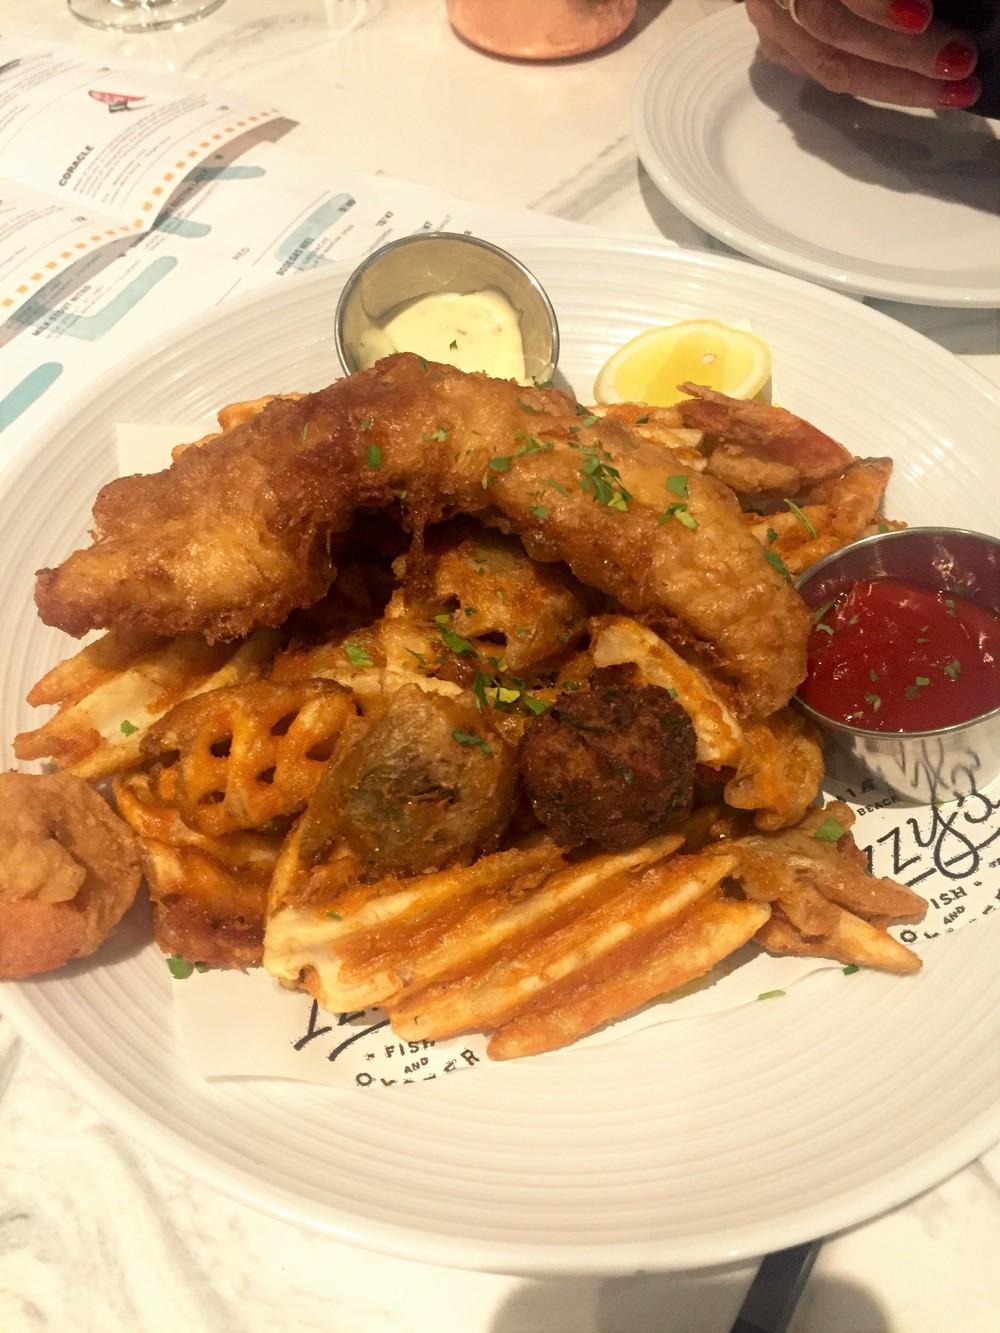 Summer fish fry